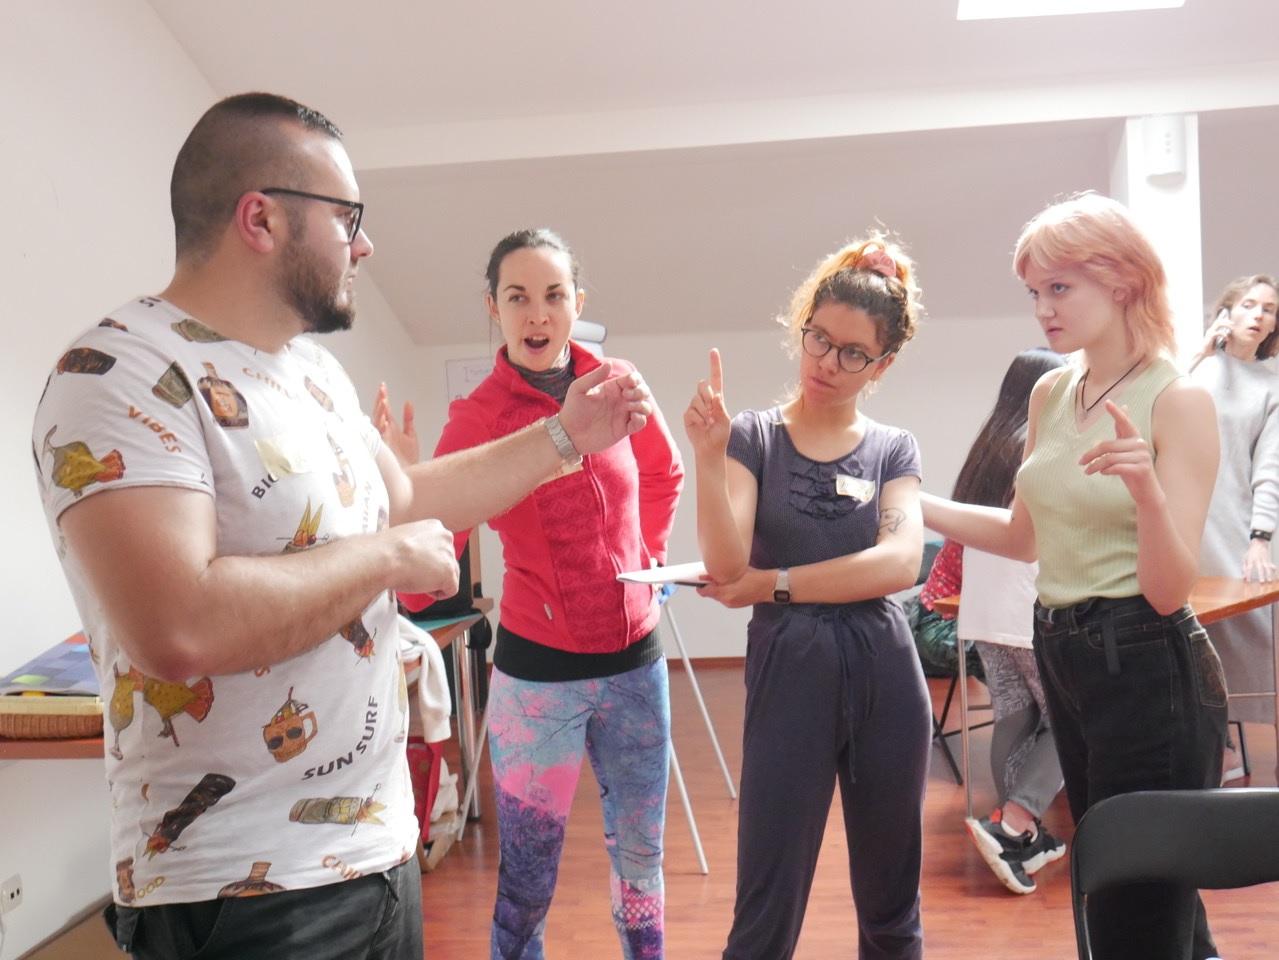 koolitus training course nyh poland poola artitudes attitudes